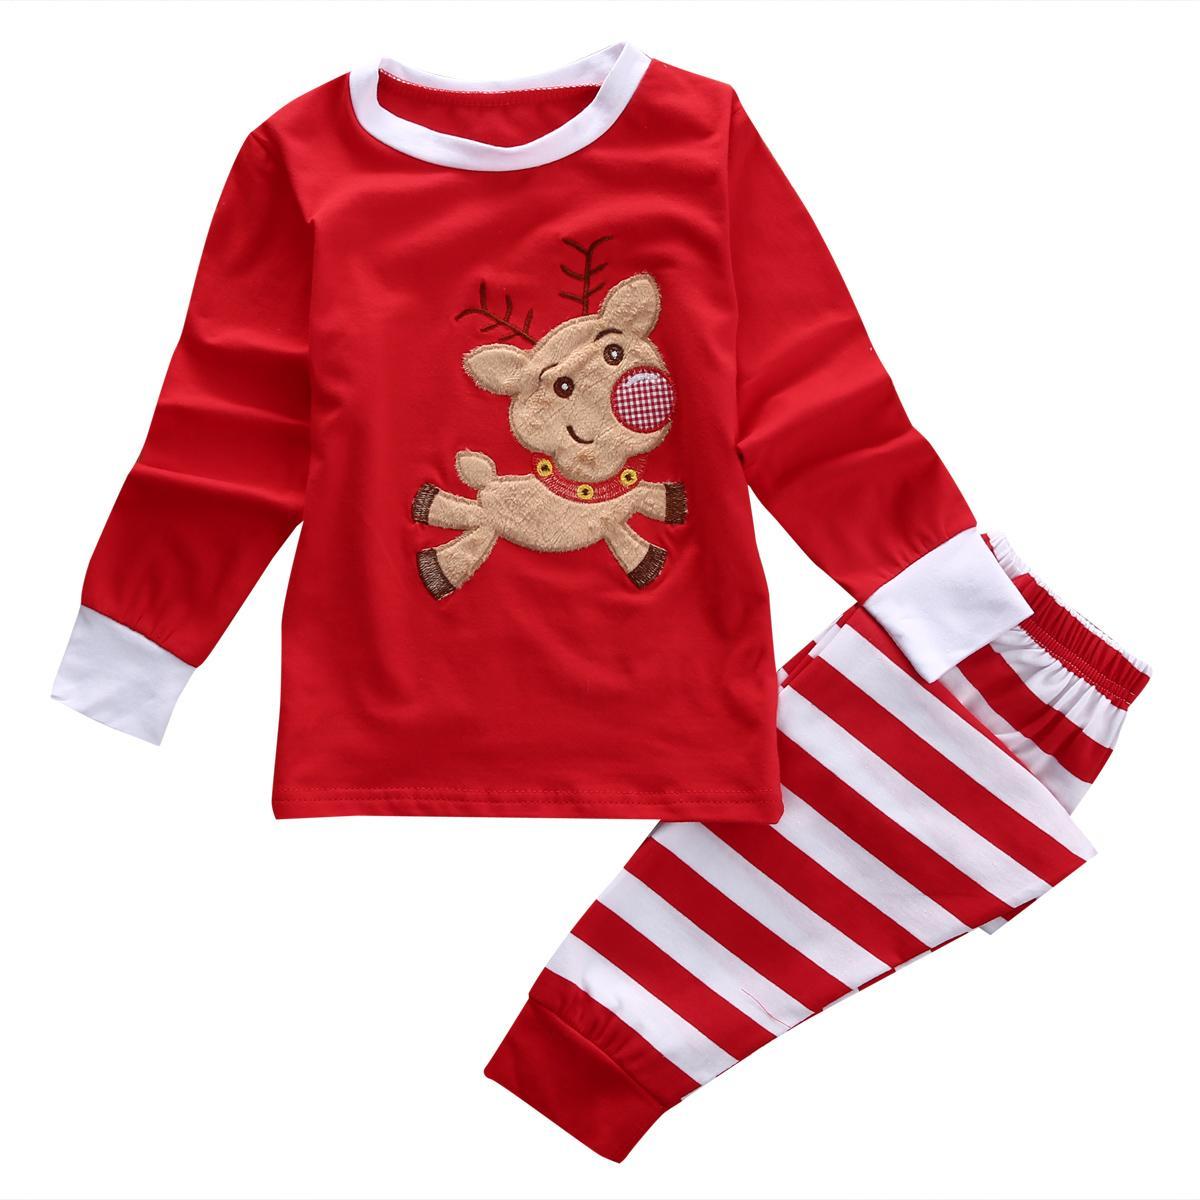 XMAS sveglio caldo dei capretti ragazze del neonato Deer Sleepwear Pajamas Set da notte Childem Set Regali di Natale